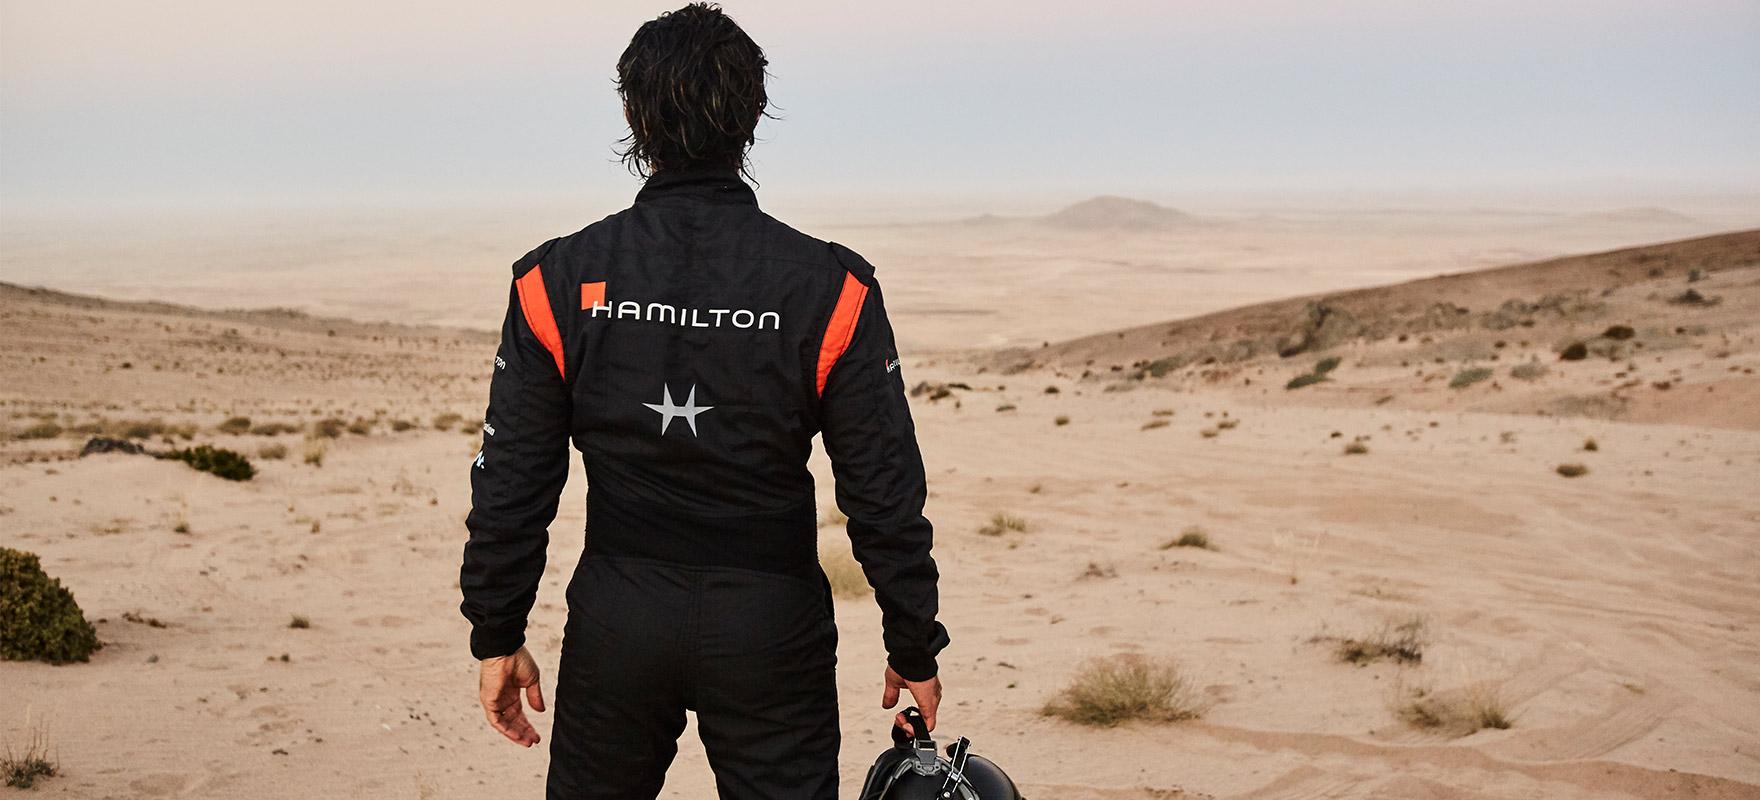 Đồng hồ hàng không Hamilton là bạn đồng hành hoàn hảo trong những giấc mơ bay lượn